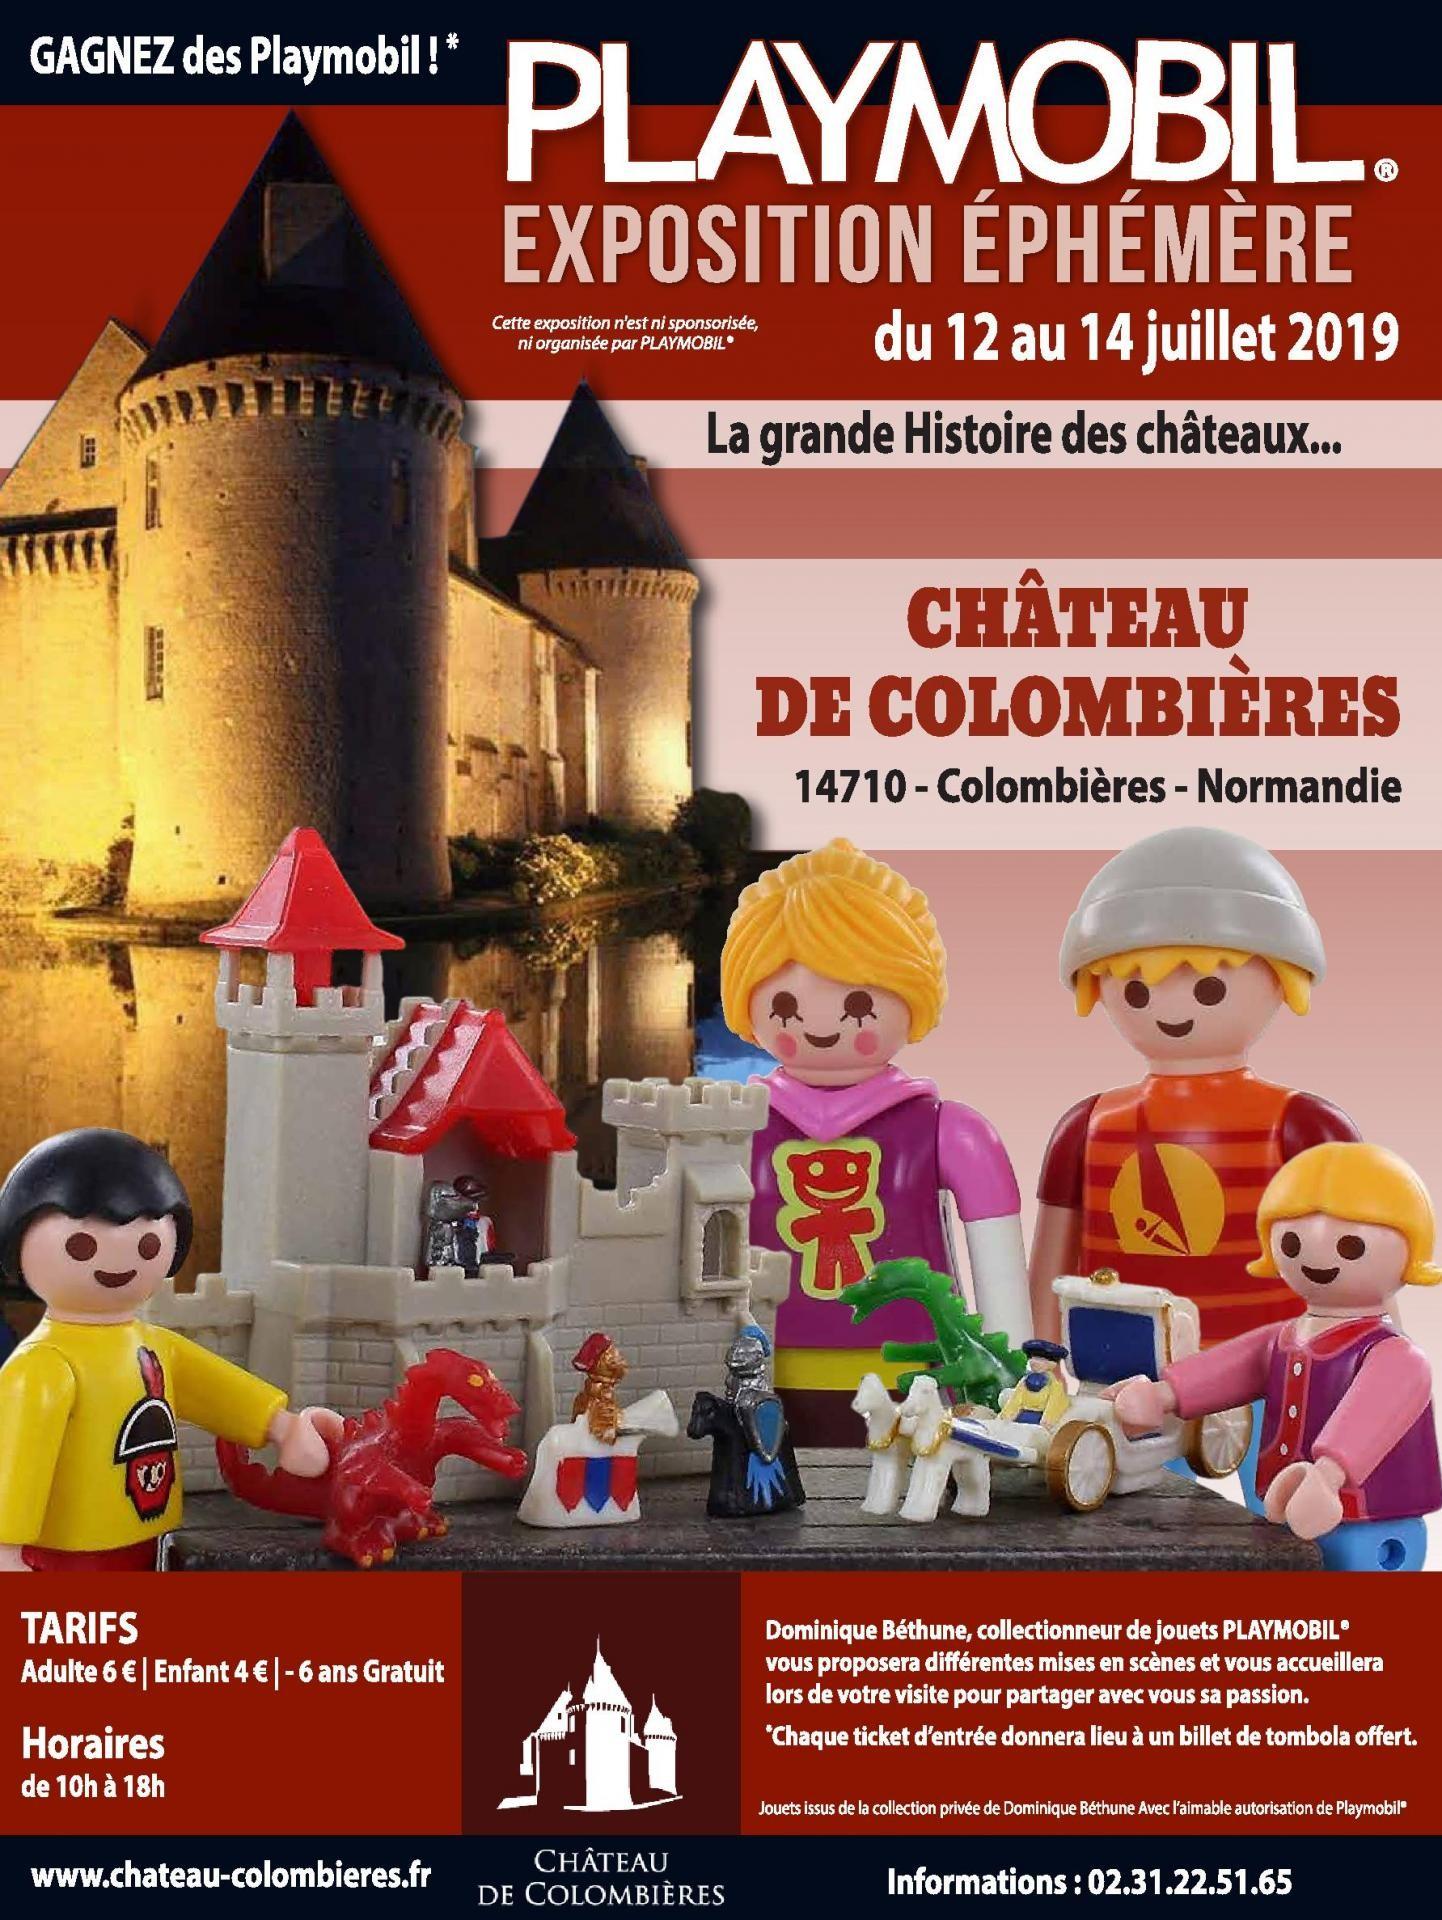 Exposition plaympobil chateau de colombieres 2019 dominique bethune